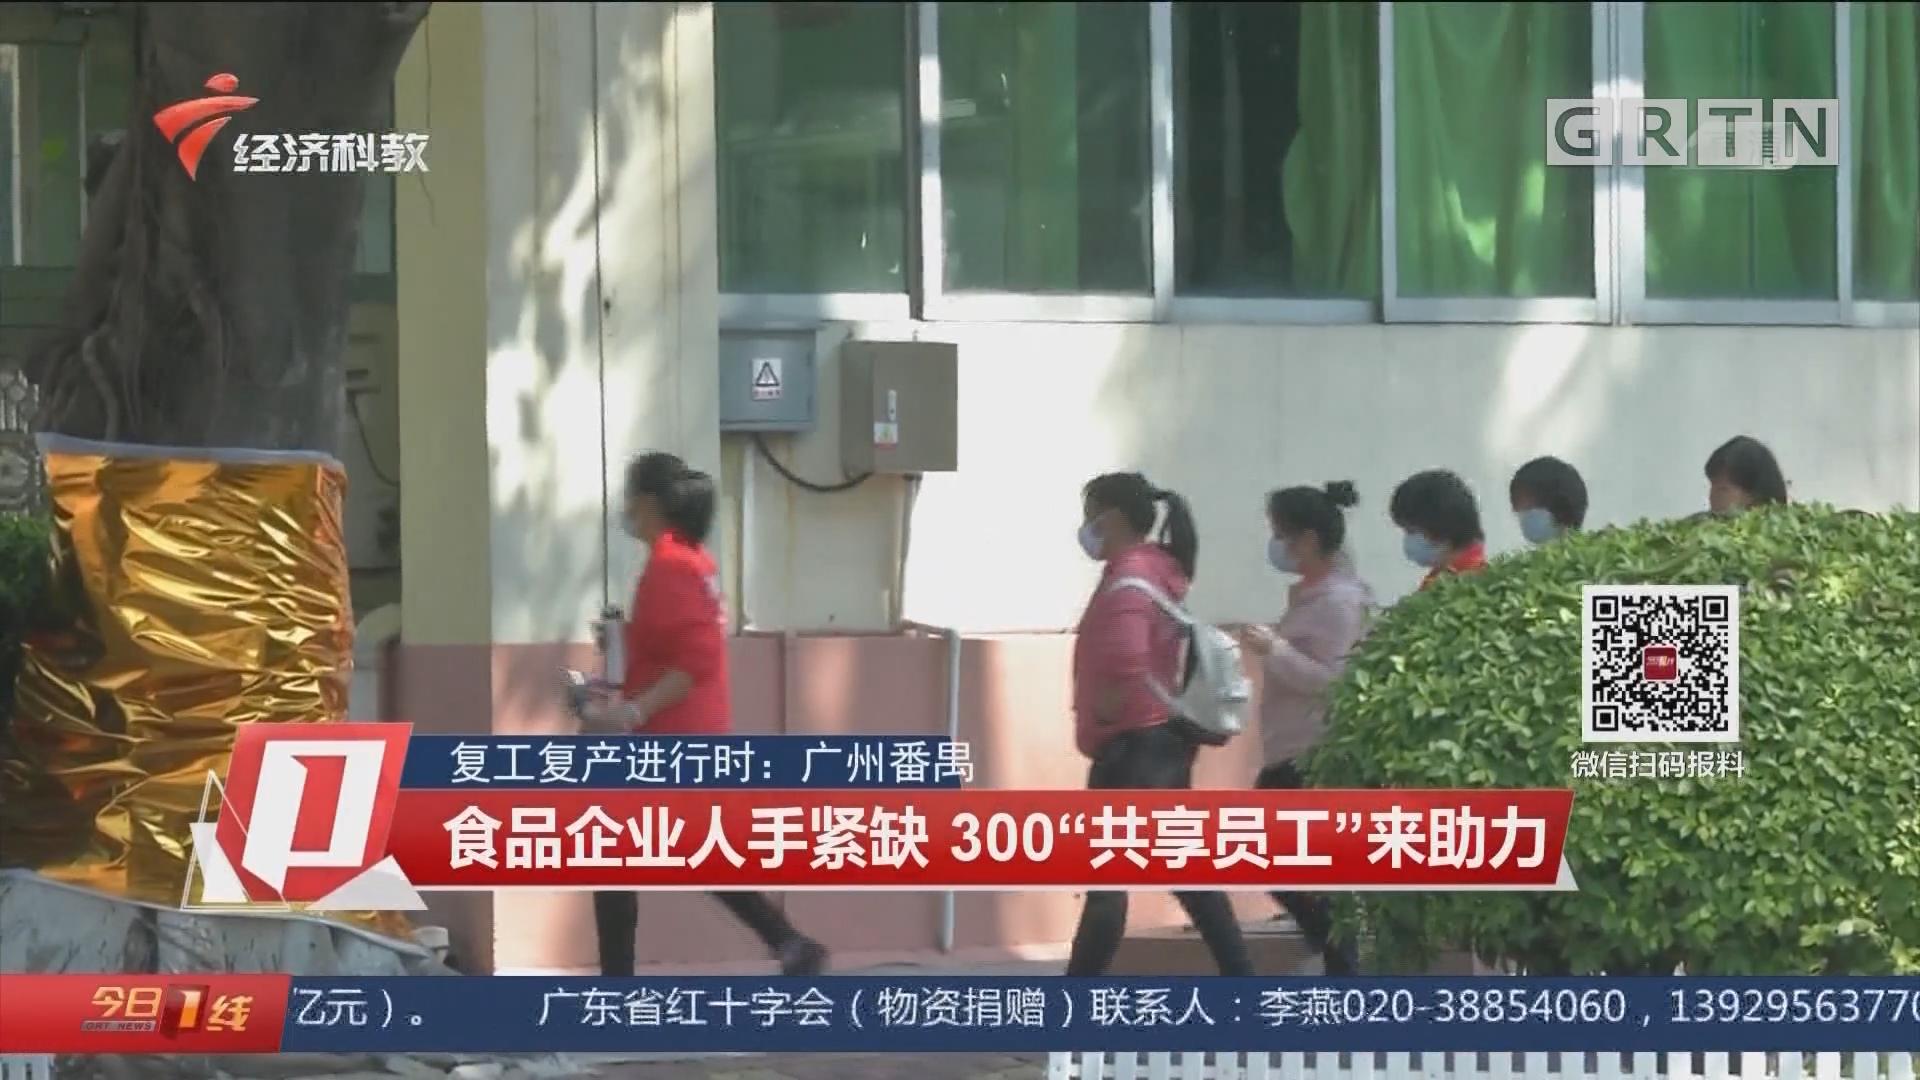 """复工复产进行时:广州番禺 食品企业人手紧缺 300""""共享员工""""来助力"""